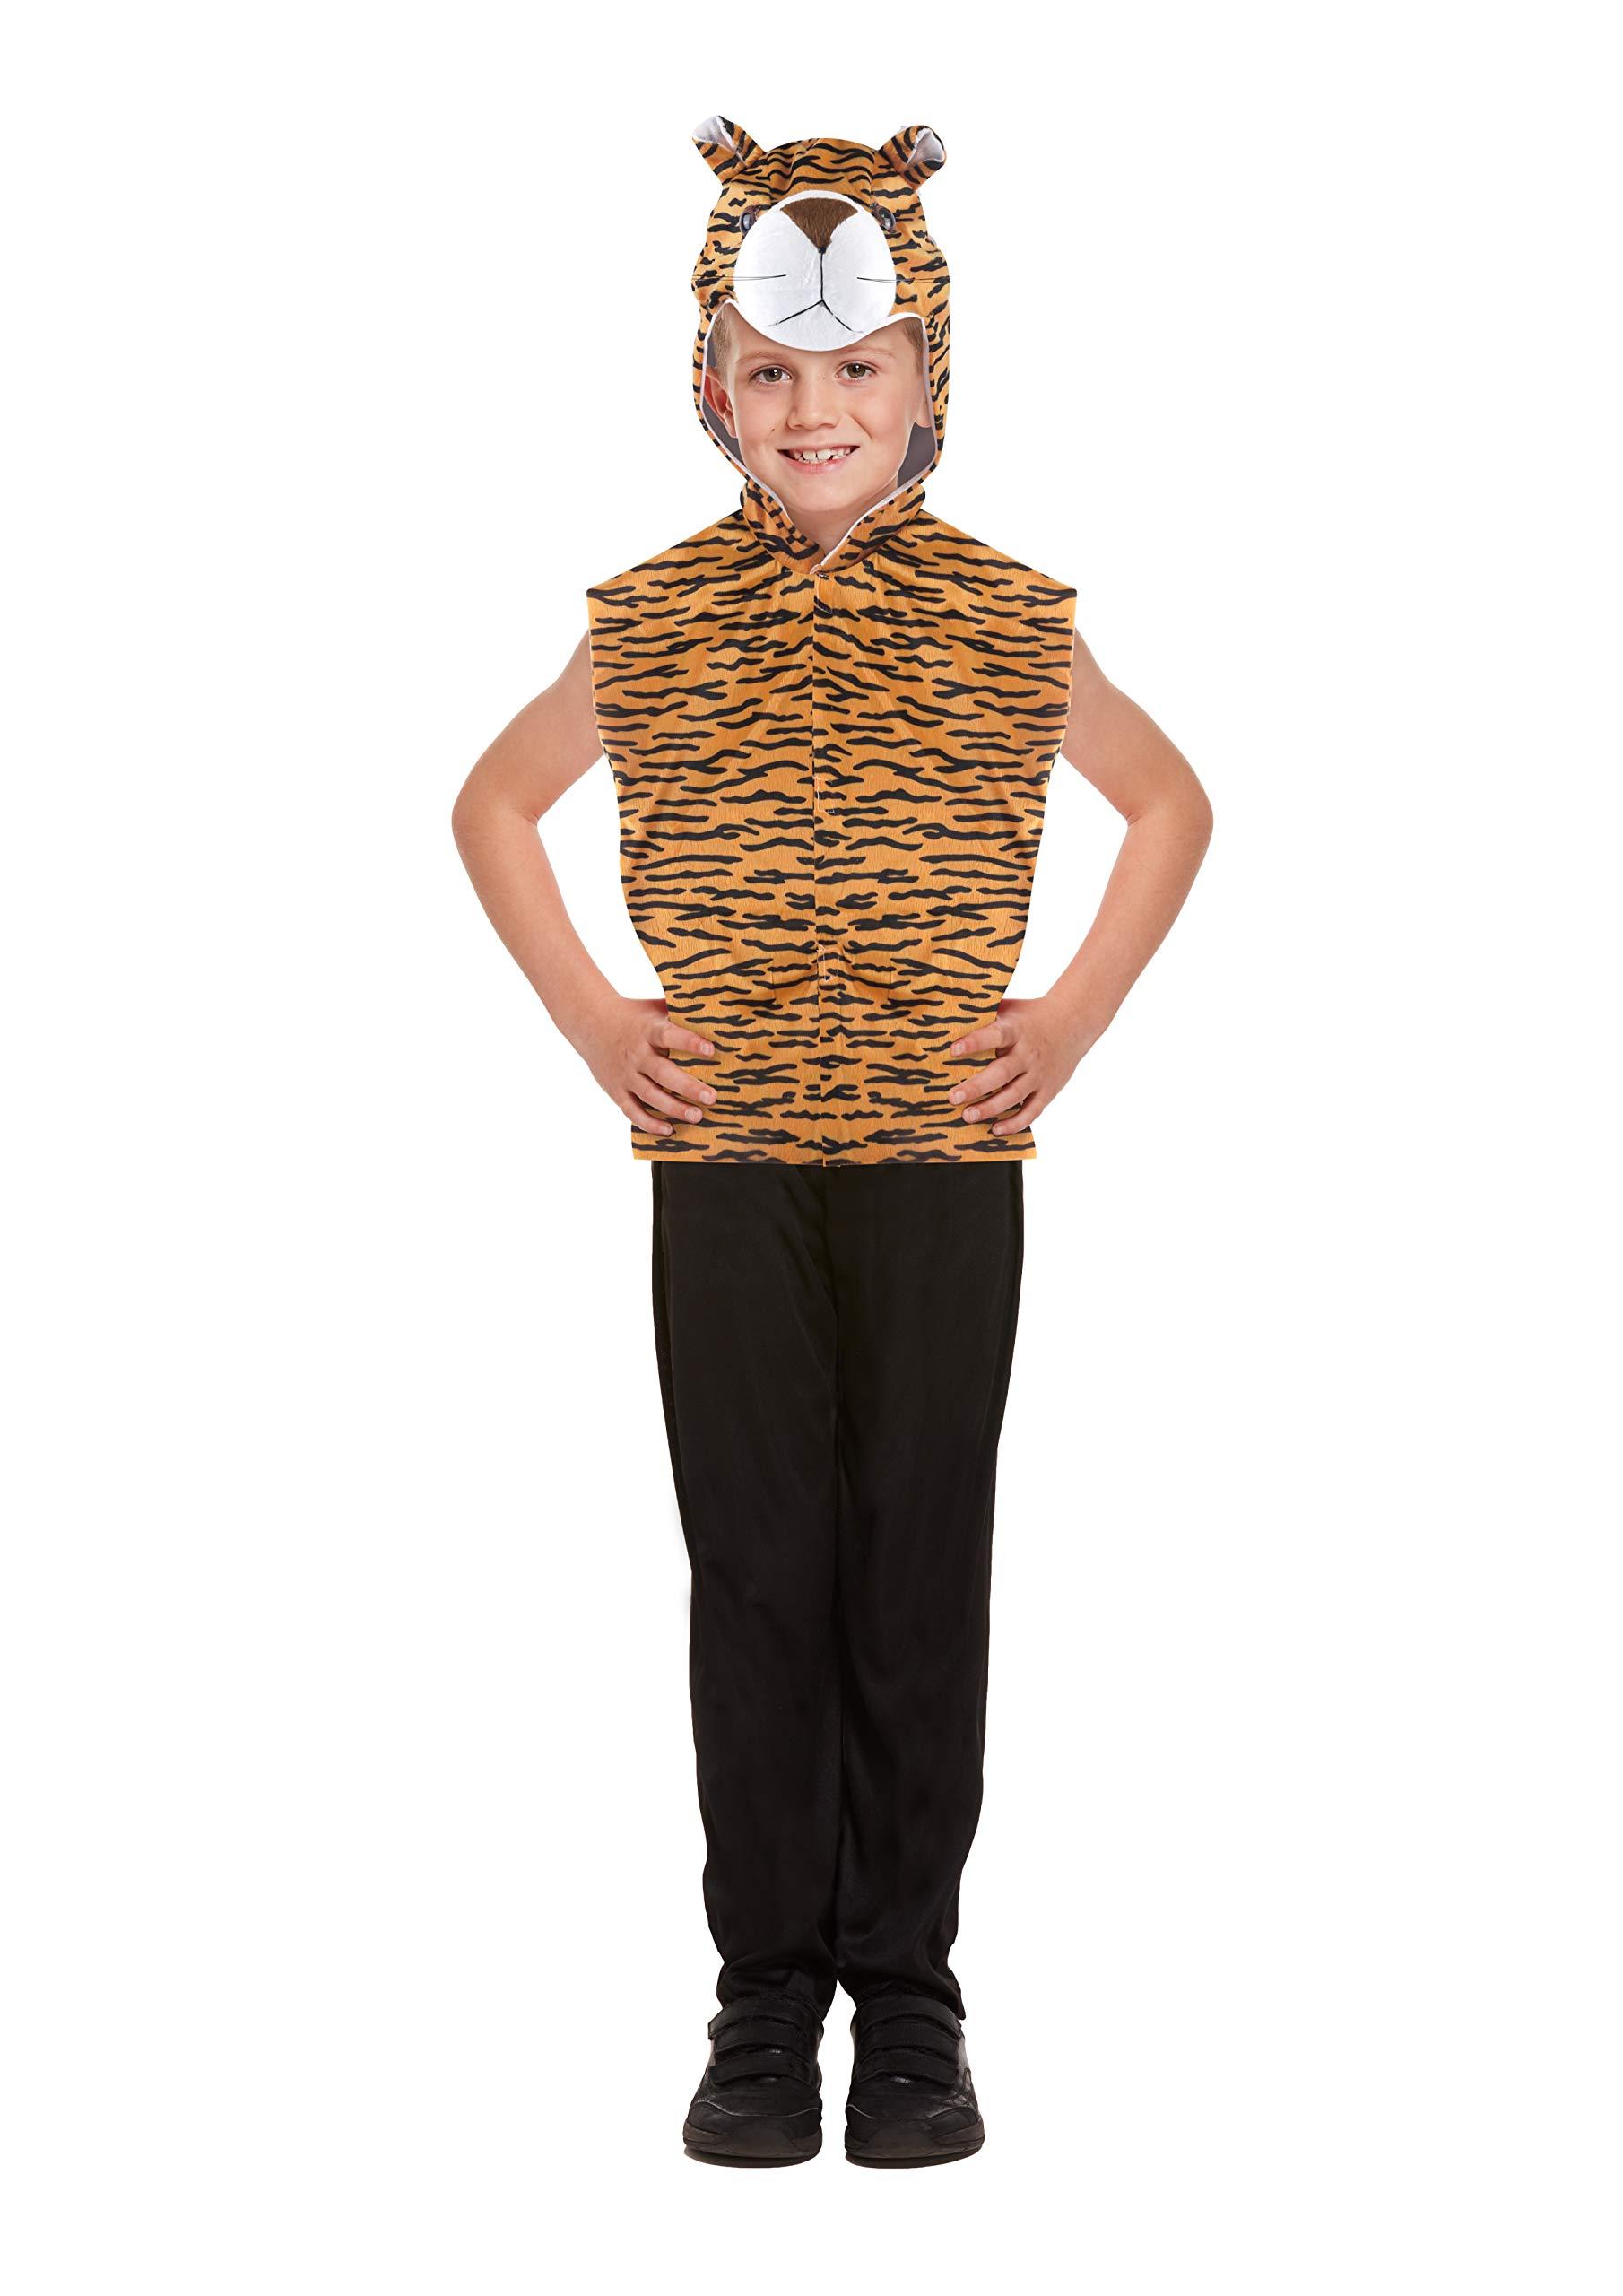 HENBRANDT – Placa y cabezal para niño (talla pequeña, 4-6 años)